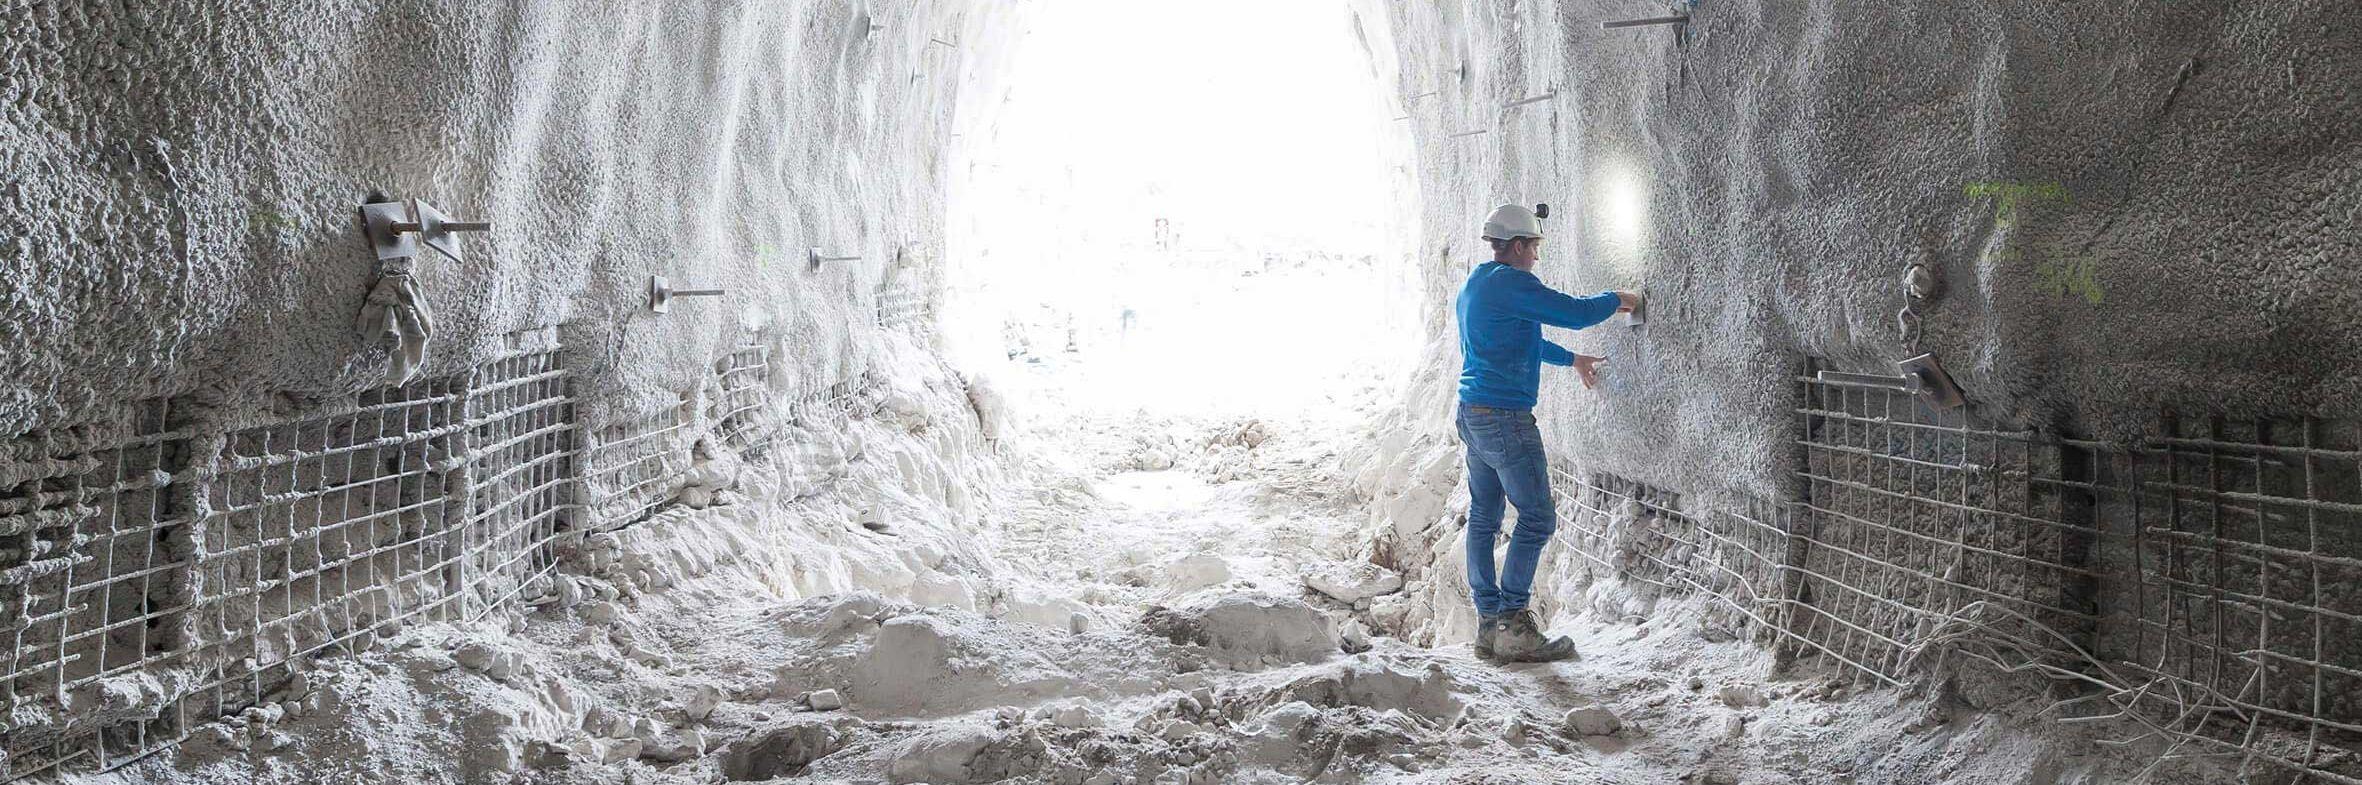 Felbermayr-Spezialtiefbau im Tunnelbau Slider